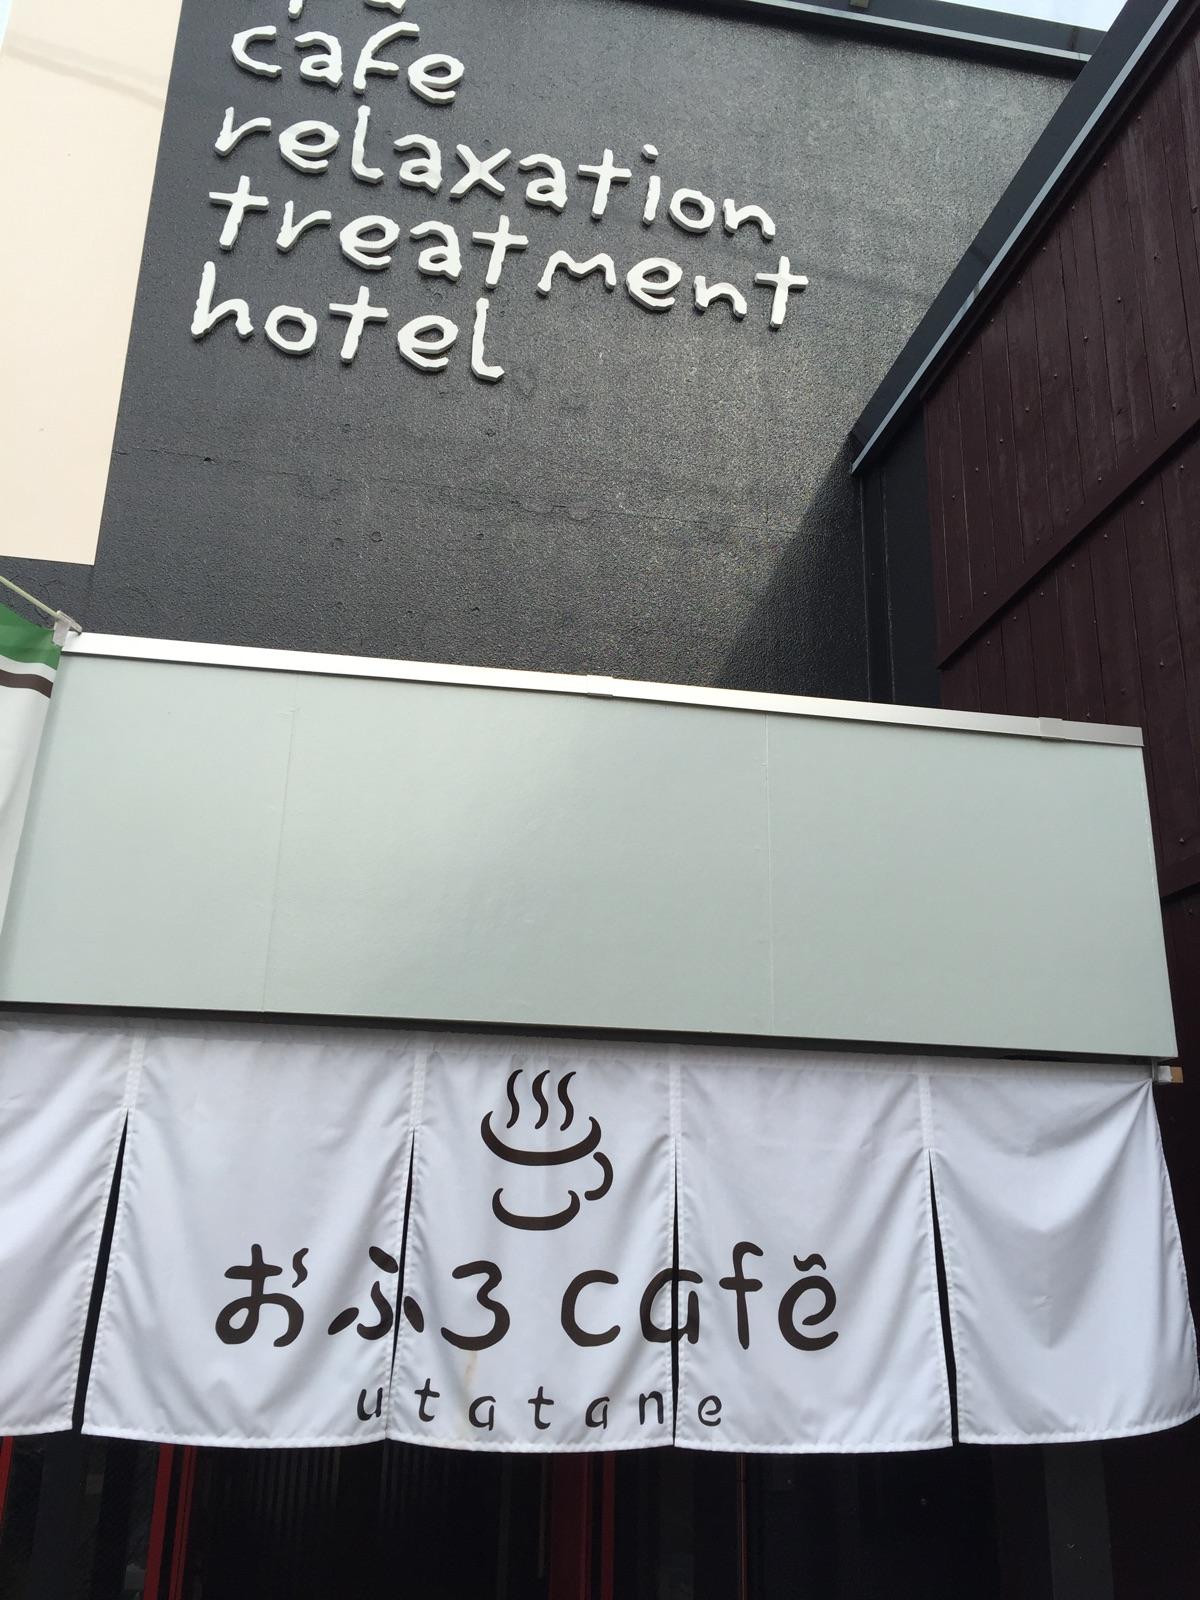 おふろカフェ utatane